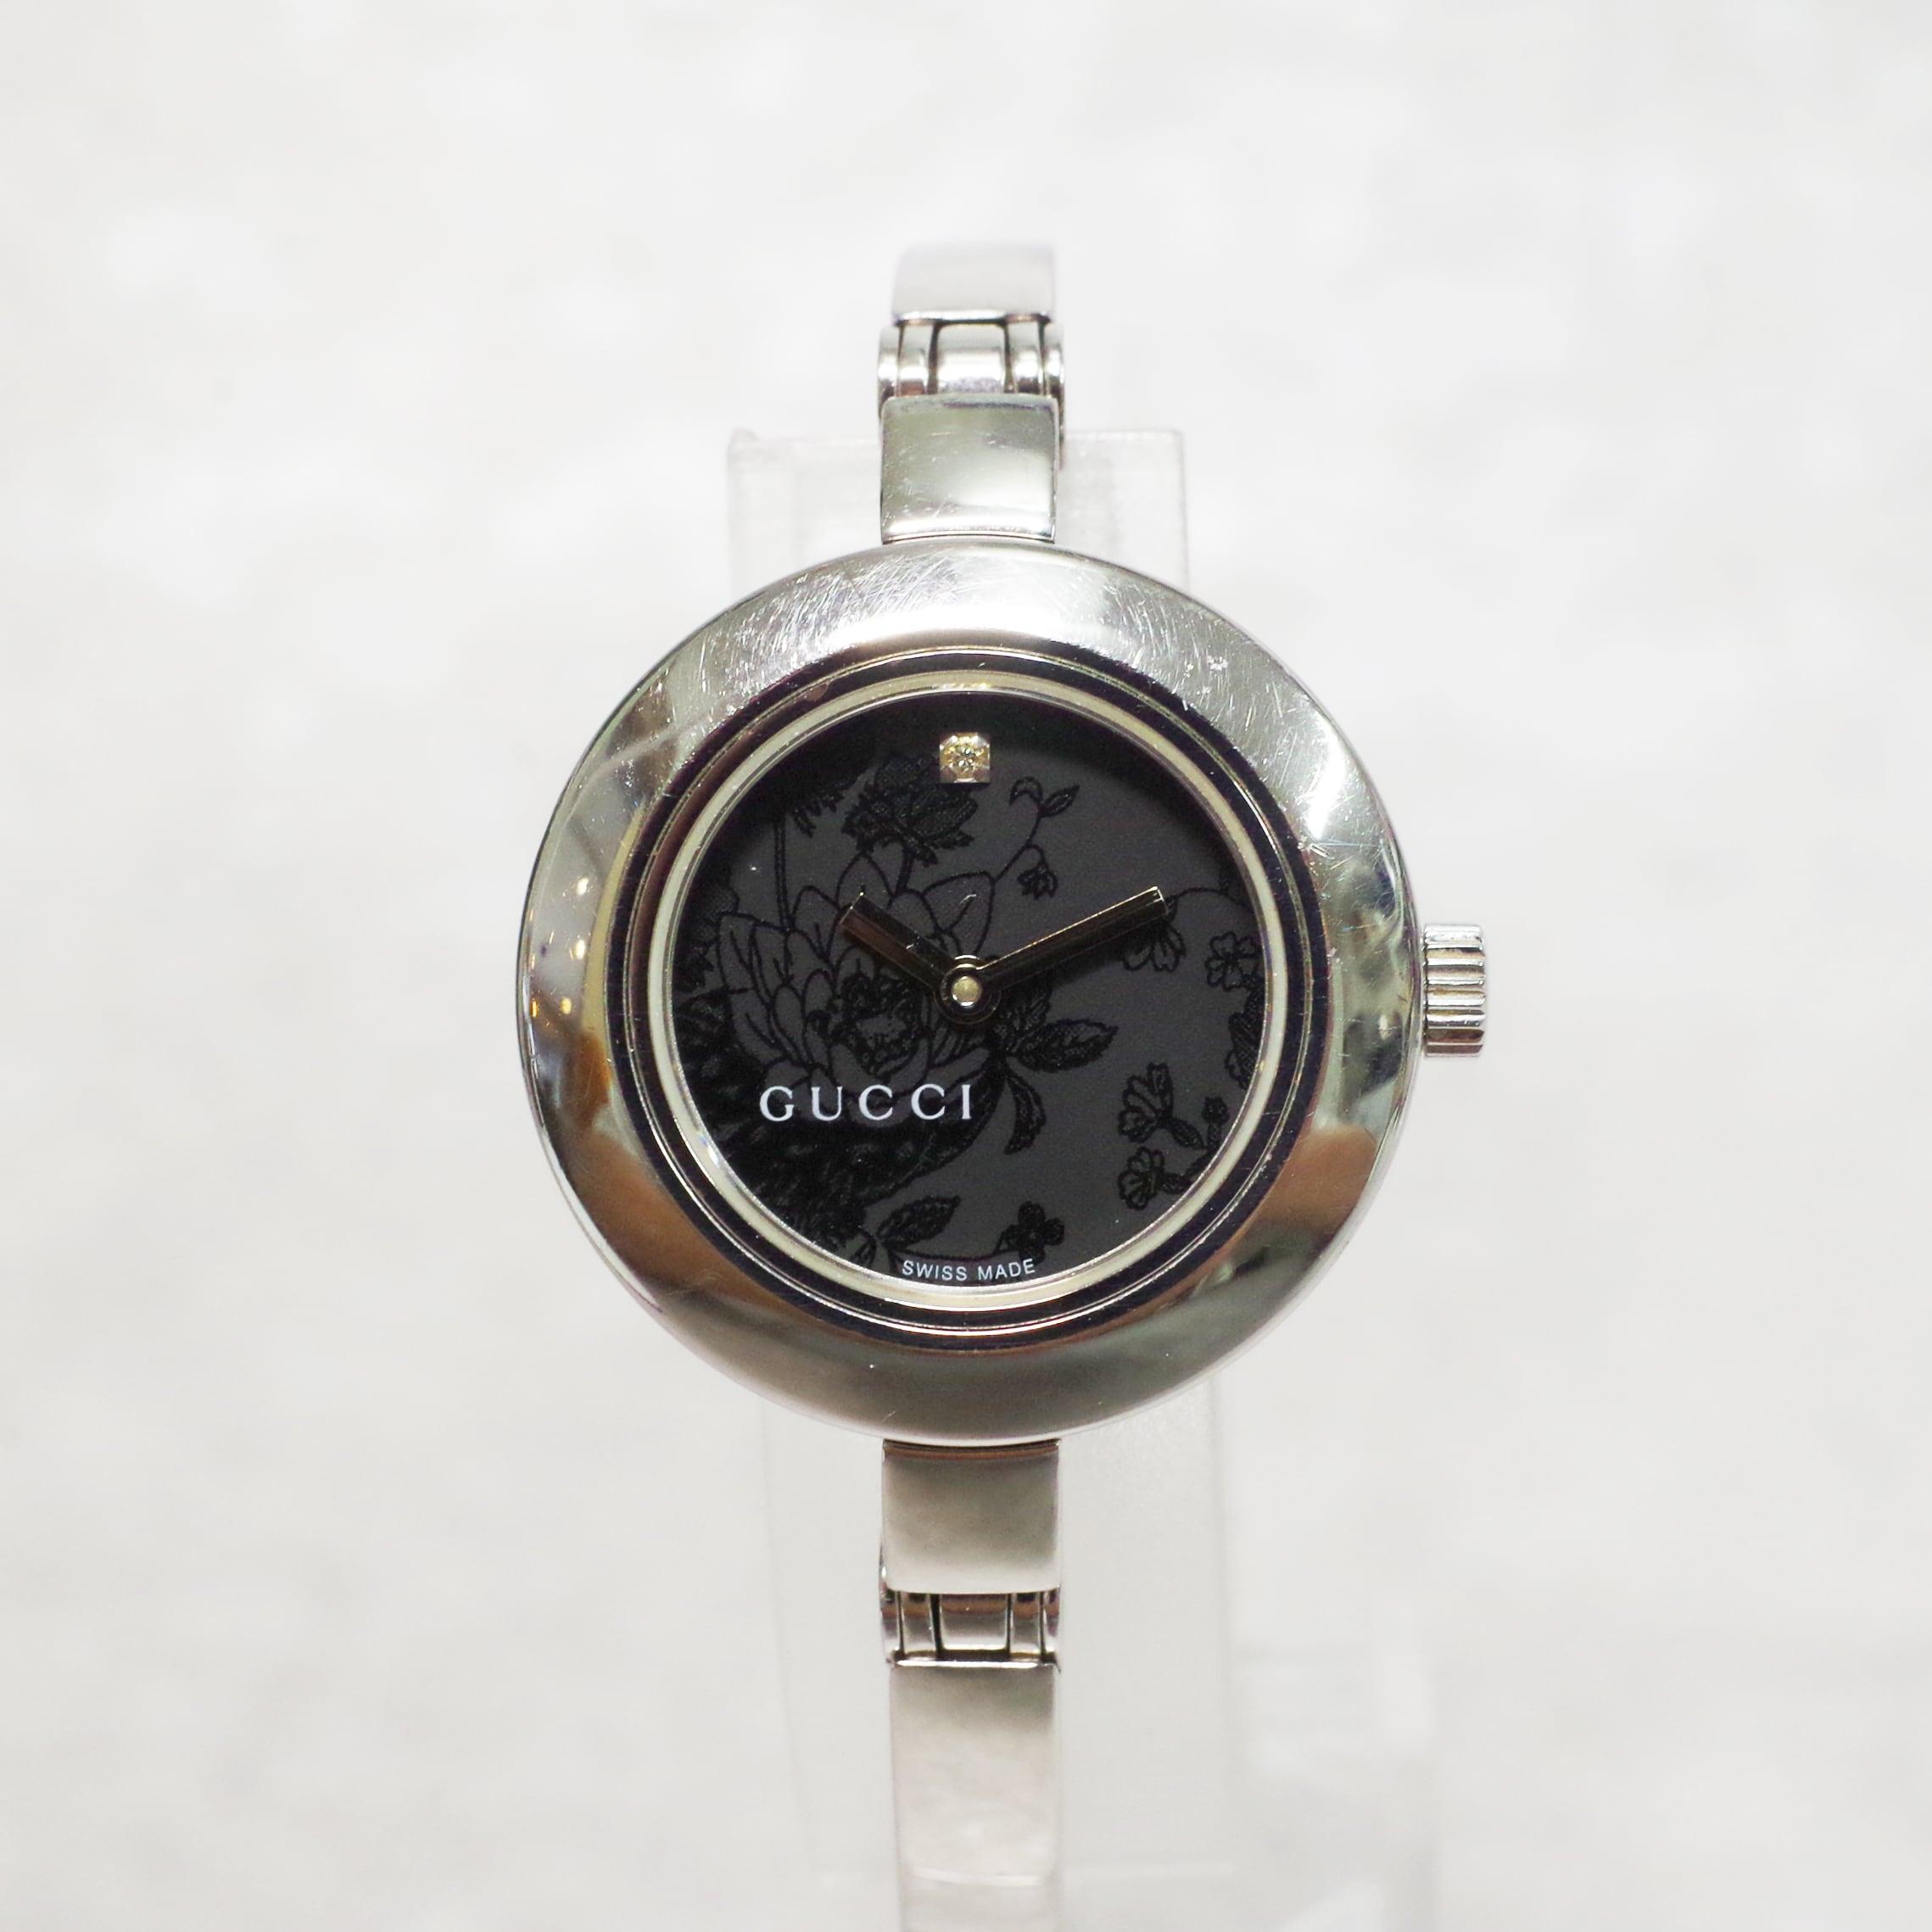 GUCCI グッチ 105 Gサークル フローラ 1Pダイヤ ブラック文字盤 SS クォーツ 腕時計 レディース